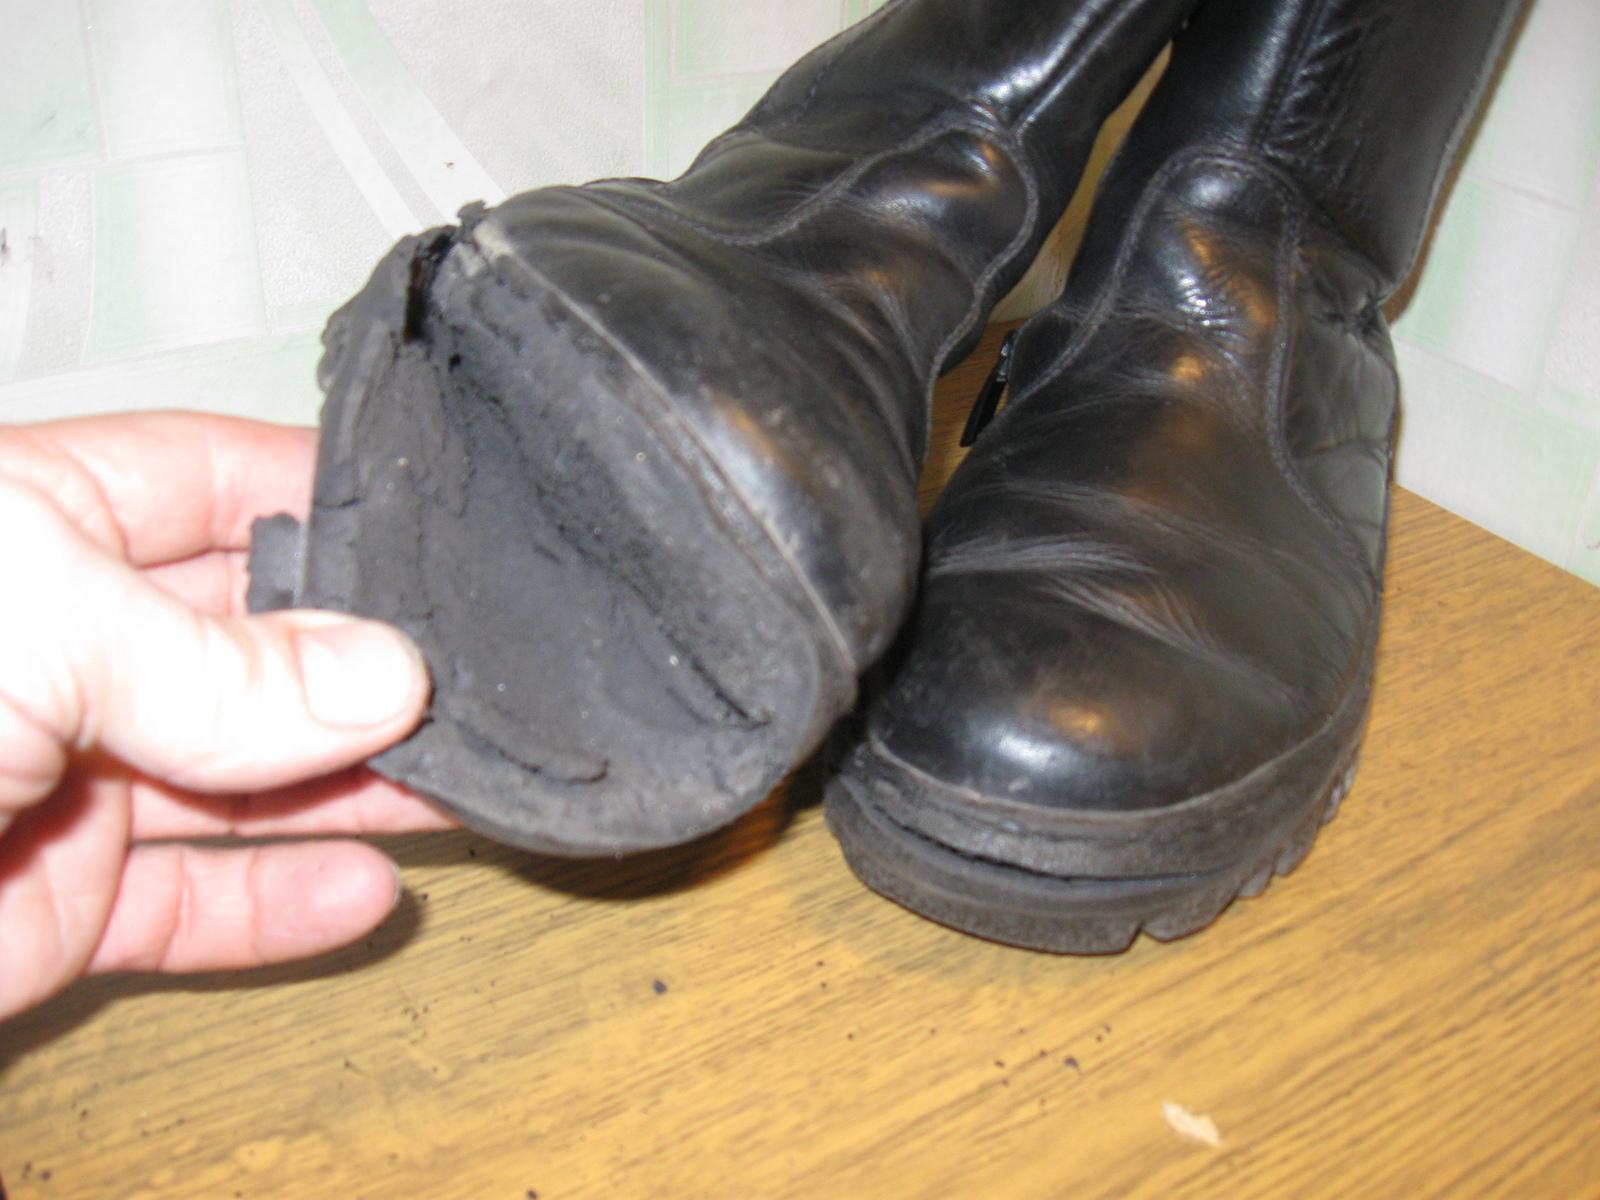 ef4e2d4cb9f6 О замене подошвы. Будни сапожника. Ремонт обуви, Подошва, Теория и практика,